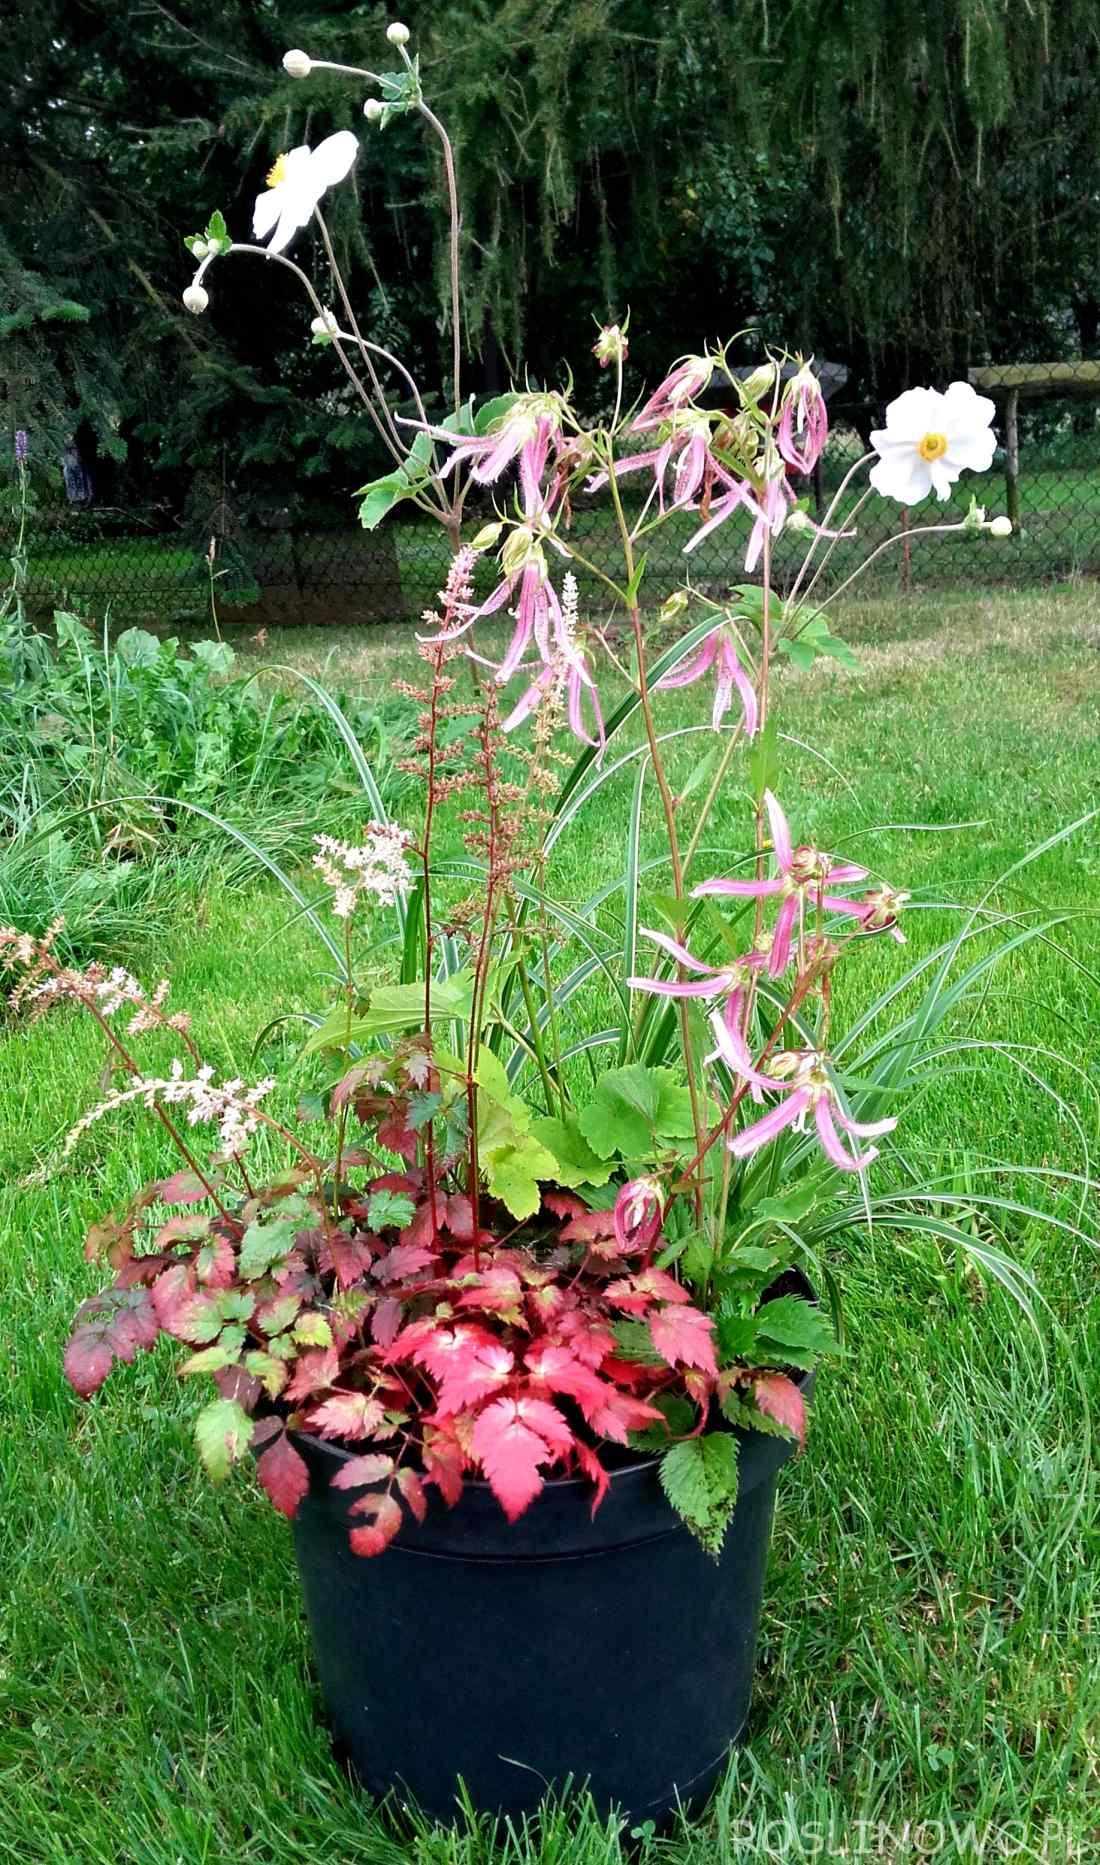 Kompozycja jesienna z bylinami kwitnącymi na przełomie lata i jesieni.